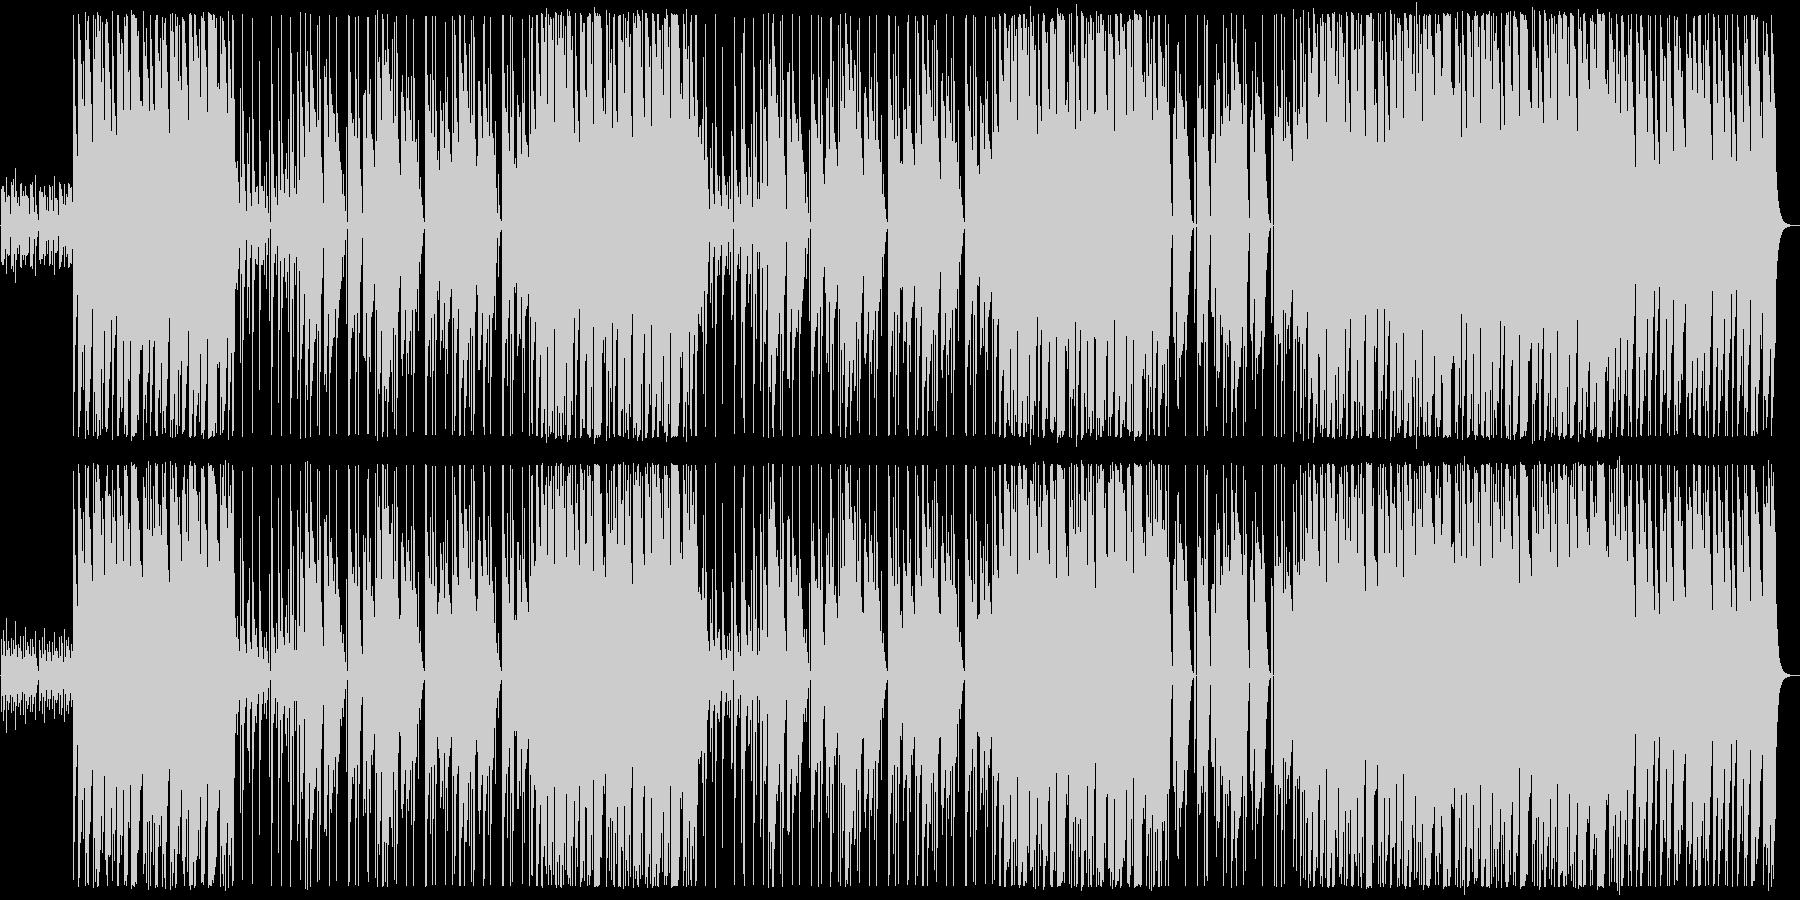 ヘビー/ディープ/ヒップホップ/ビートの未再生の波形